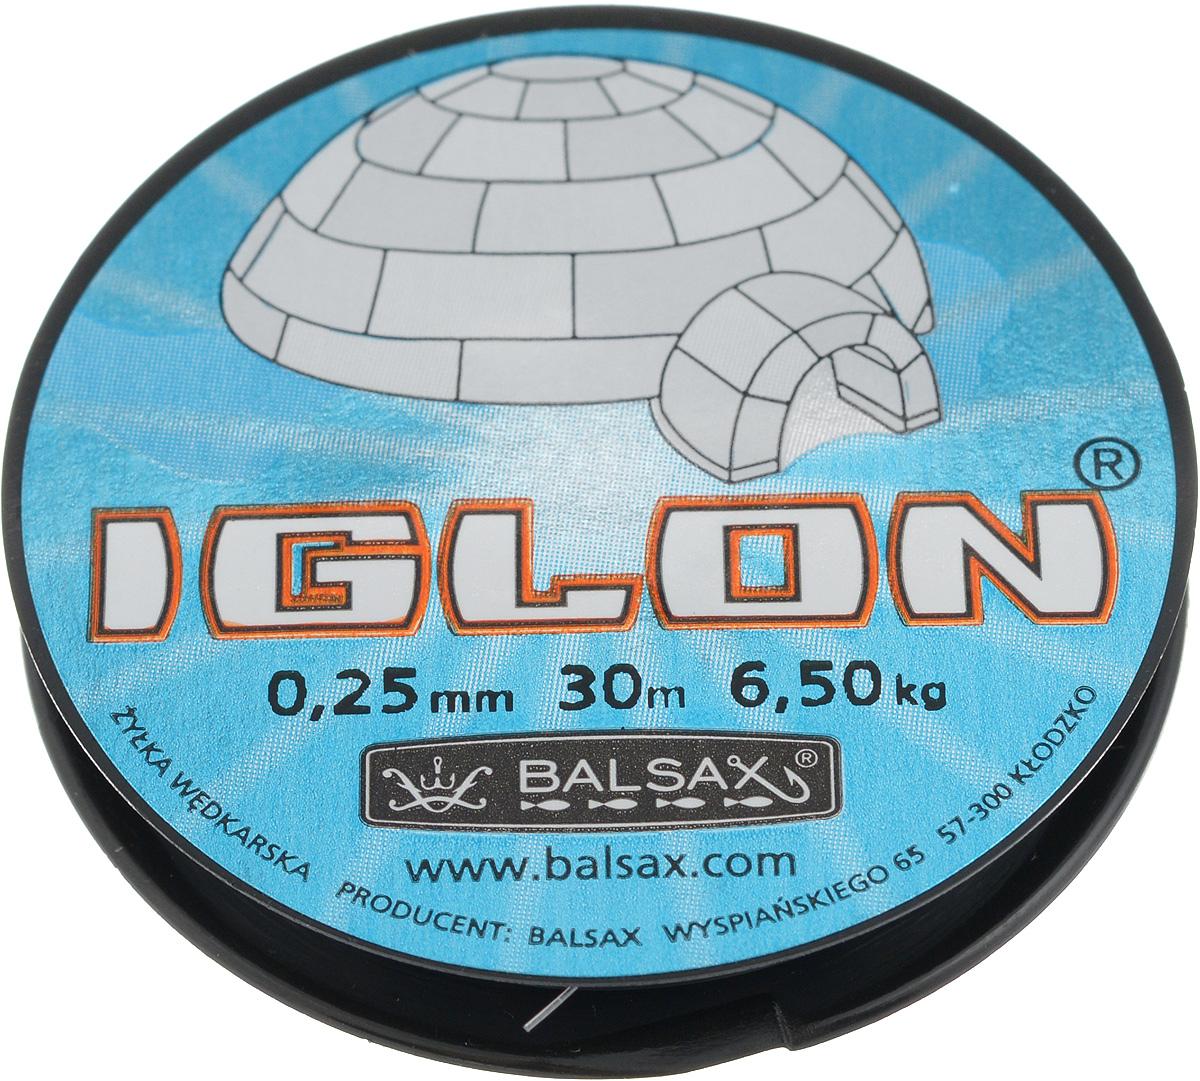 Леска зимняя Balsax Iglon, 30 м, 0,25 мм, 6,5 кг312-06025Леска Balsax Iglon изготовлена из 100% нейлона и очень хорошо выдерживает низкие температуры. Даже в самом холодном климате, при температуре вплоть до -40°C, она сохраняет свои свойства практически без изменений, в то время как традиционные лески становятся менее эластичными и теряют прочность. Поверхность лески обработана таким образом, что она не обмерзает и отлично подходит для подледного лова. Прочна в местах вязки узлов даже при минимальном диаметре.